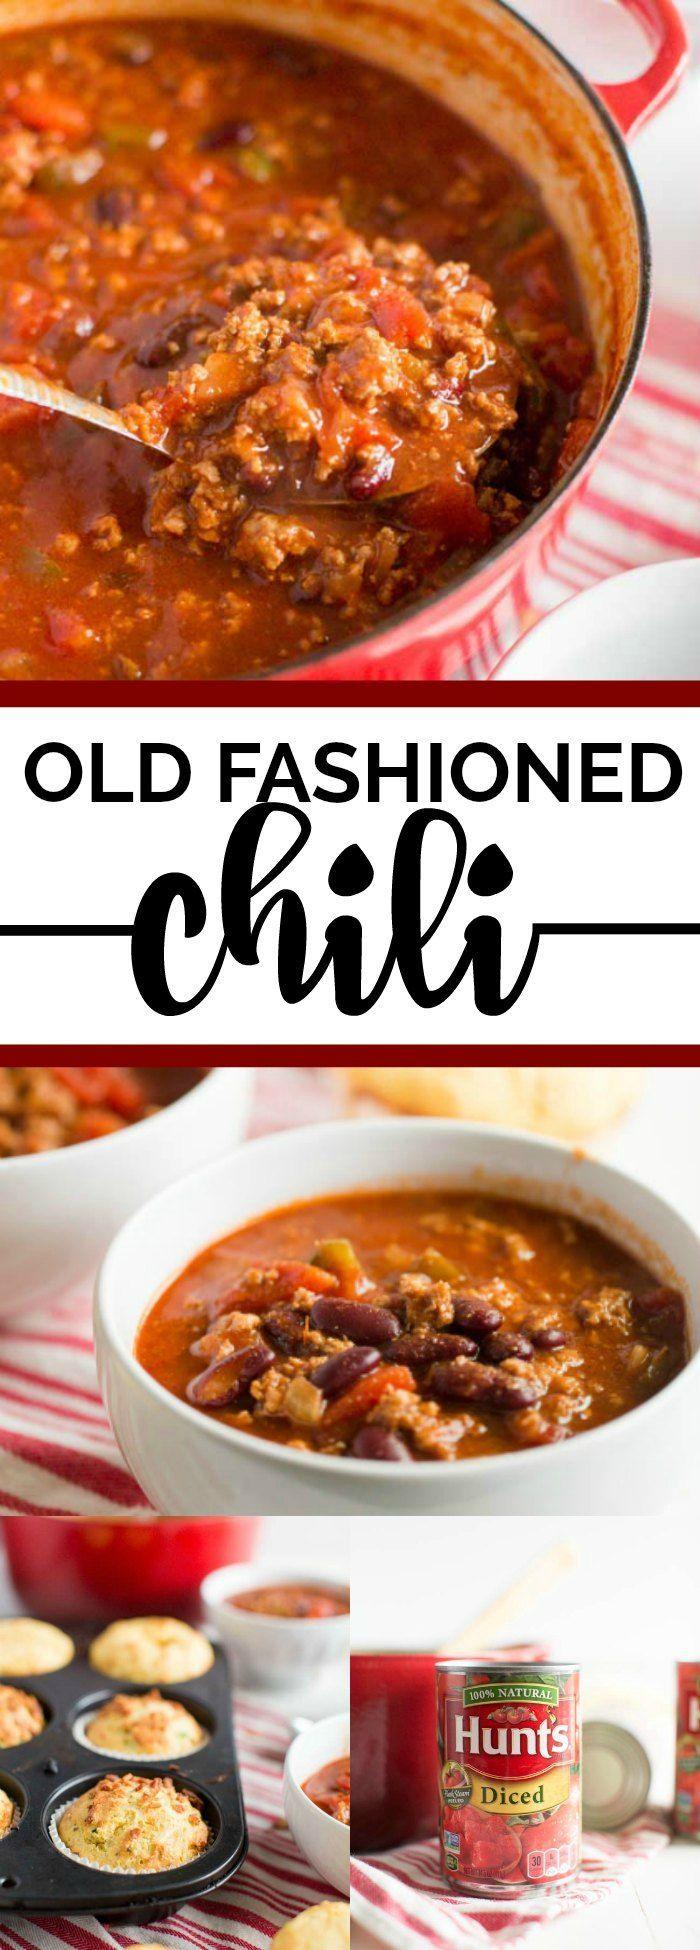 Old fashioned chili recipe.